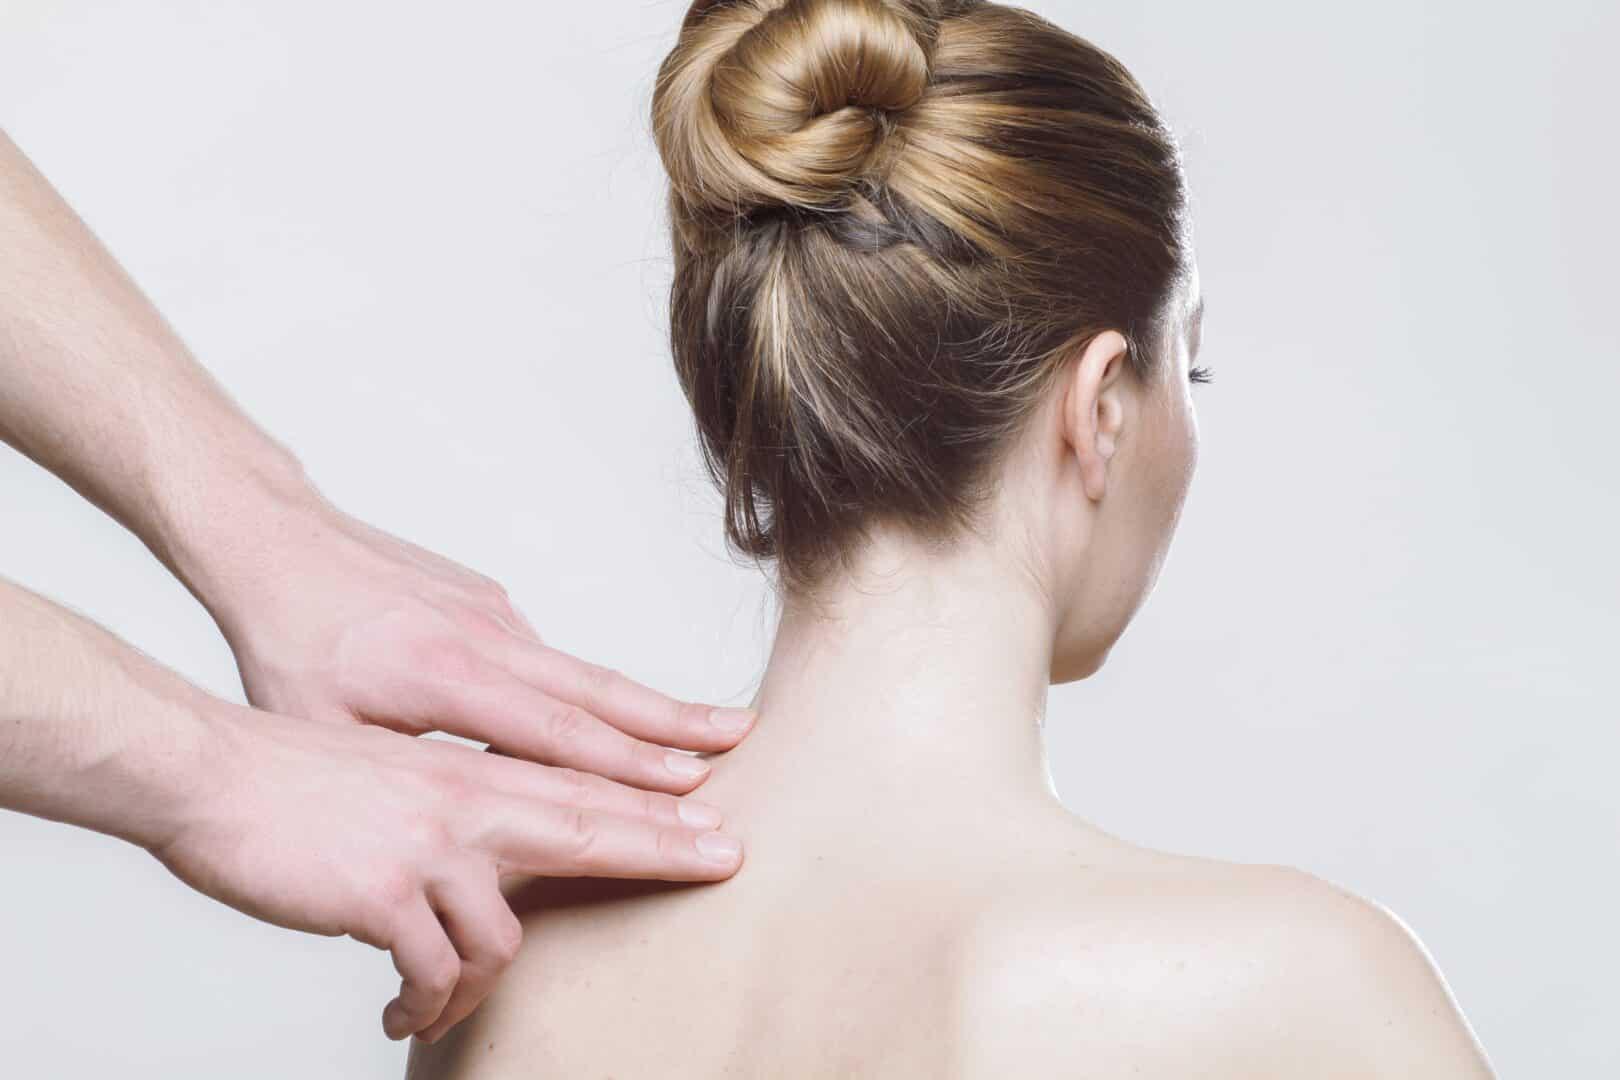 Schmerz- therapie bei Schulter- schmerzen